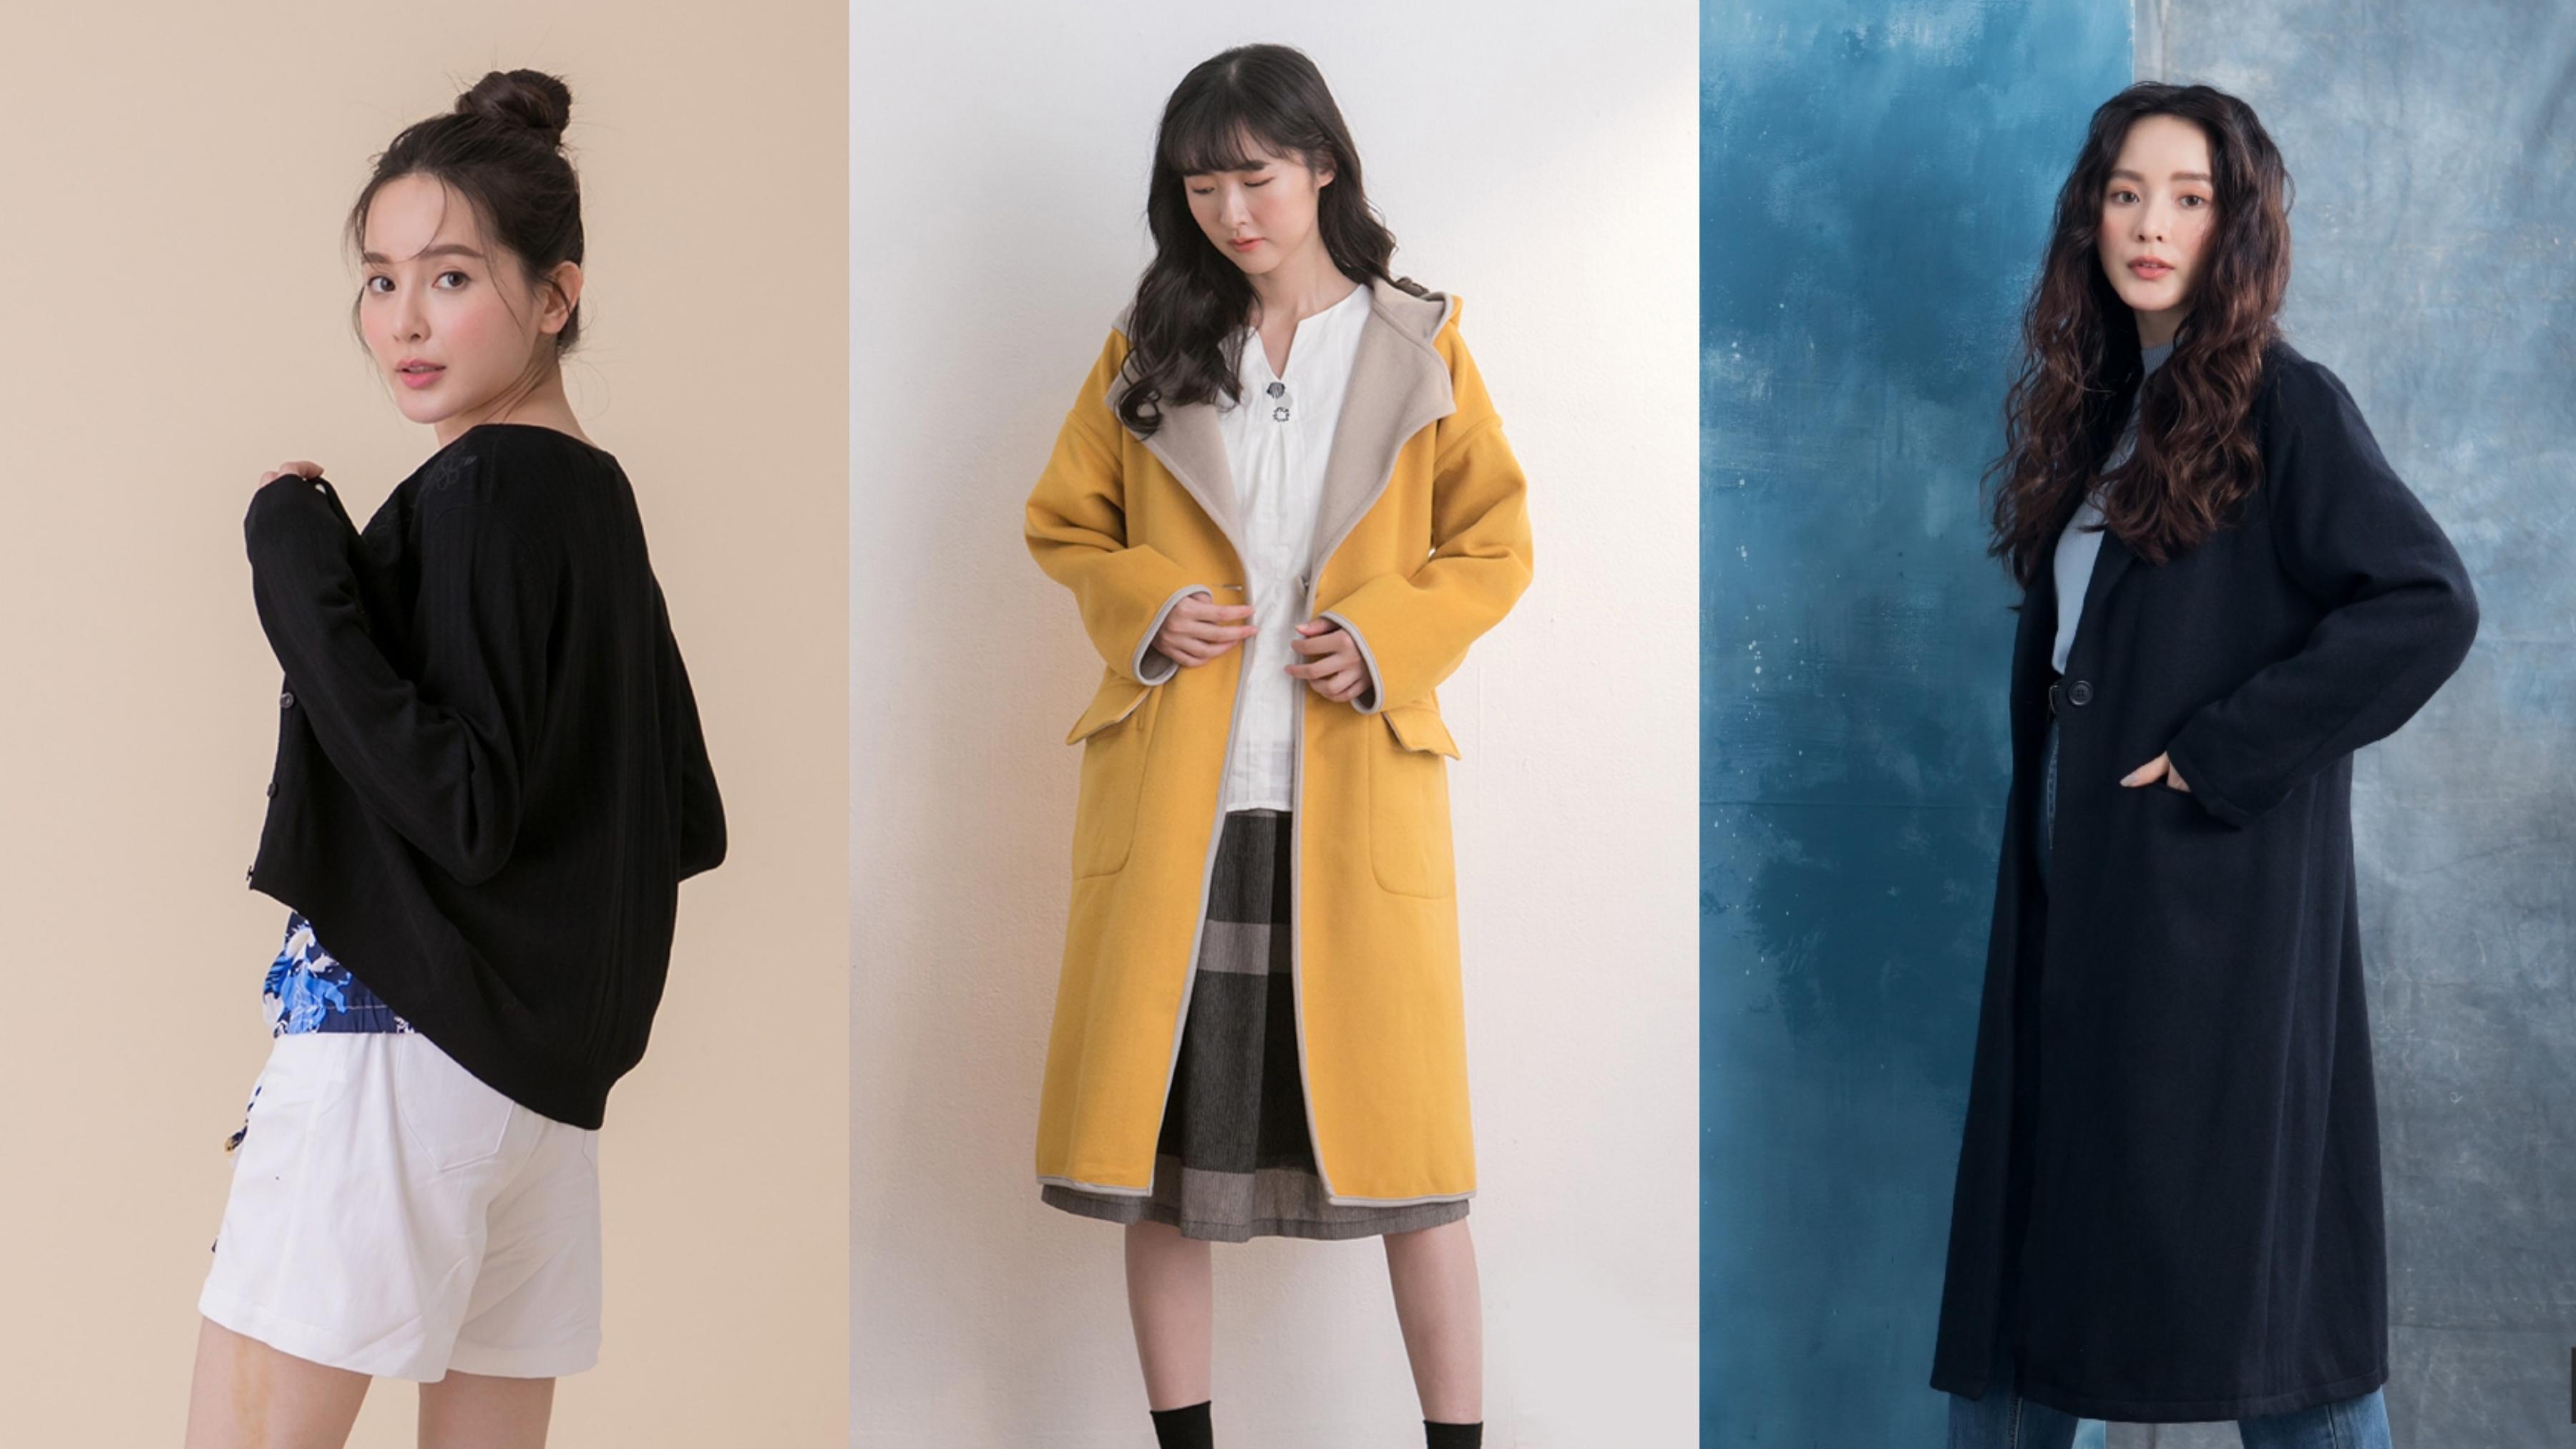 moss club集團全館$390起!時髦大衣、顯瘦洋裝、換季針織外套,多款百元價甜入手,一次打包帶走♡日韓系女孩不能錯過!